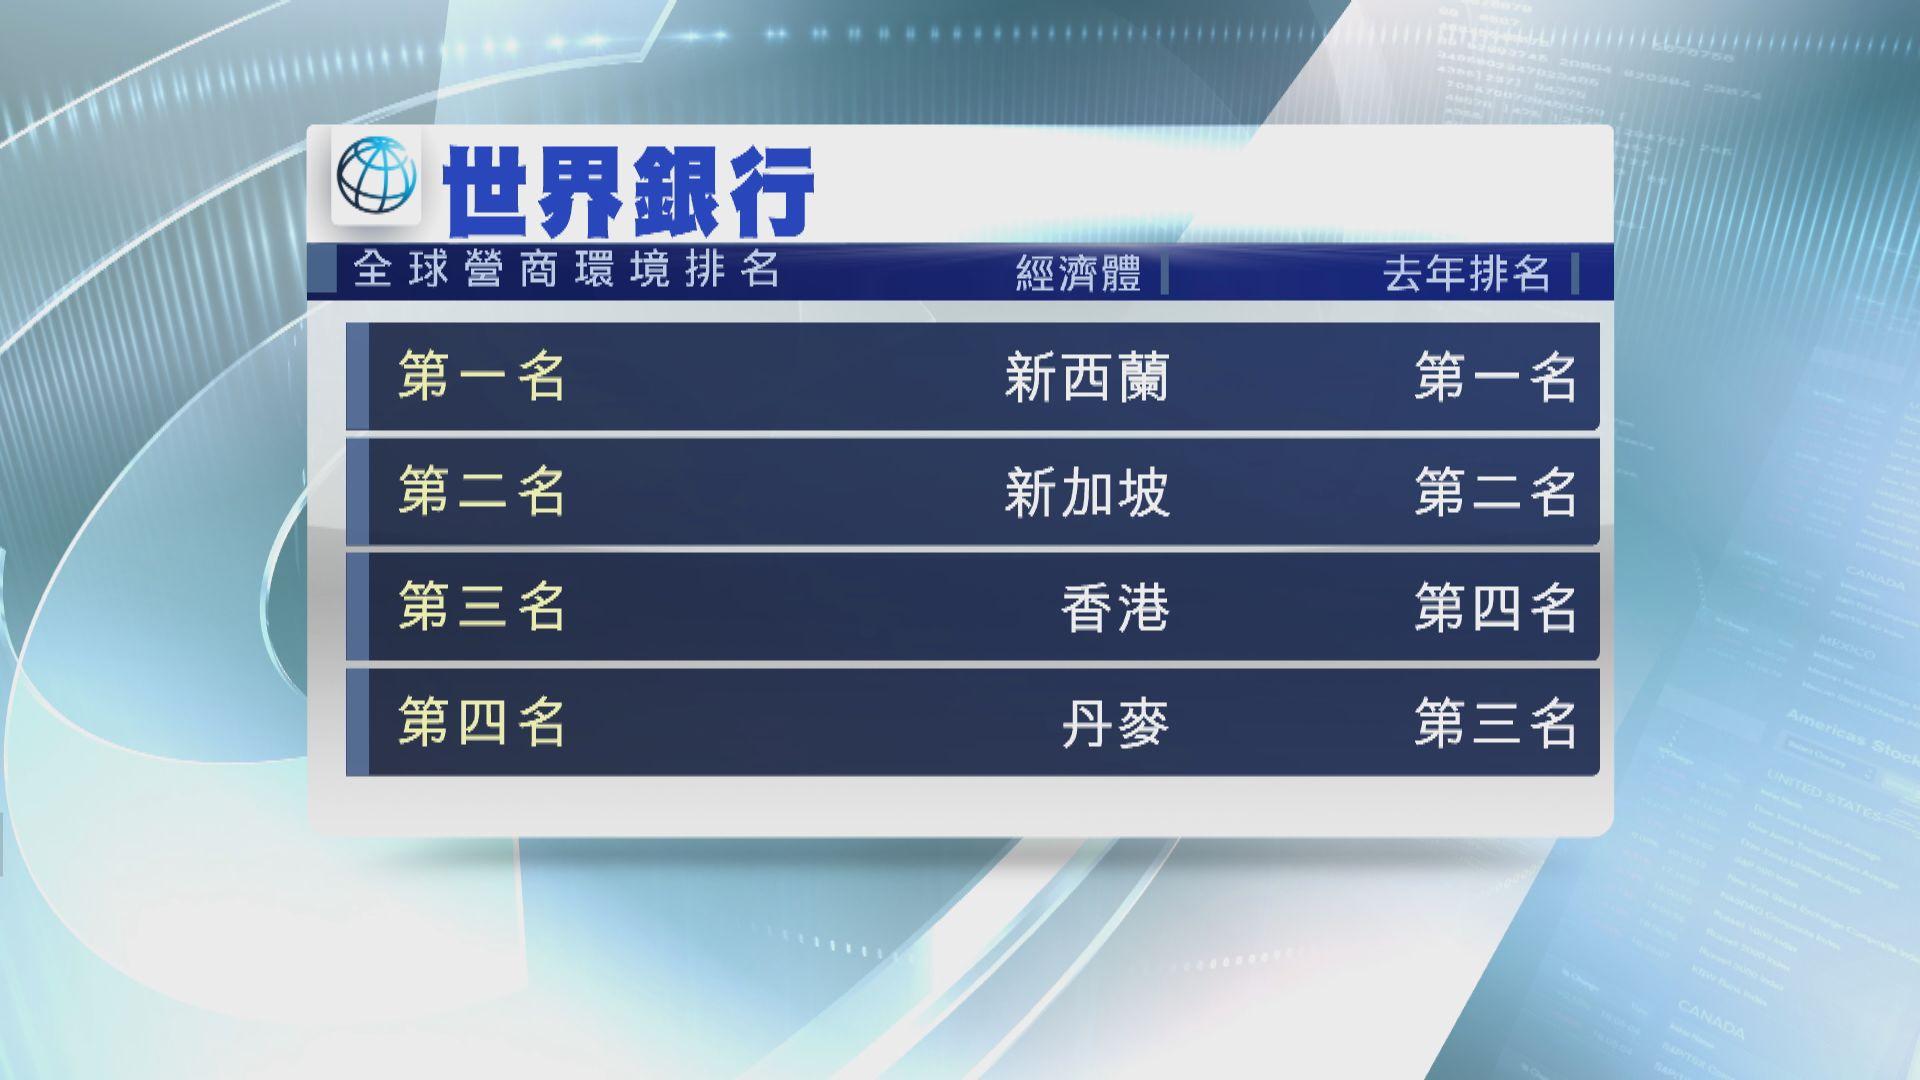 【躋身三甲】全球營商環境港列第三 中國排名躍升15位